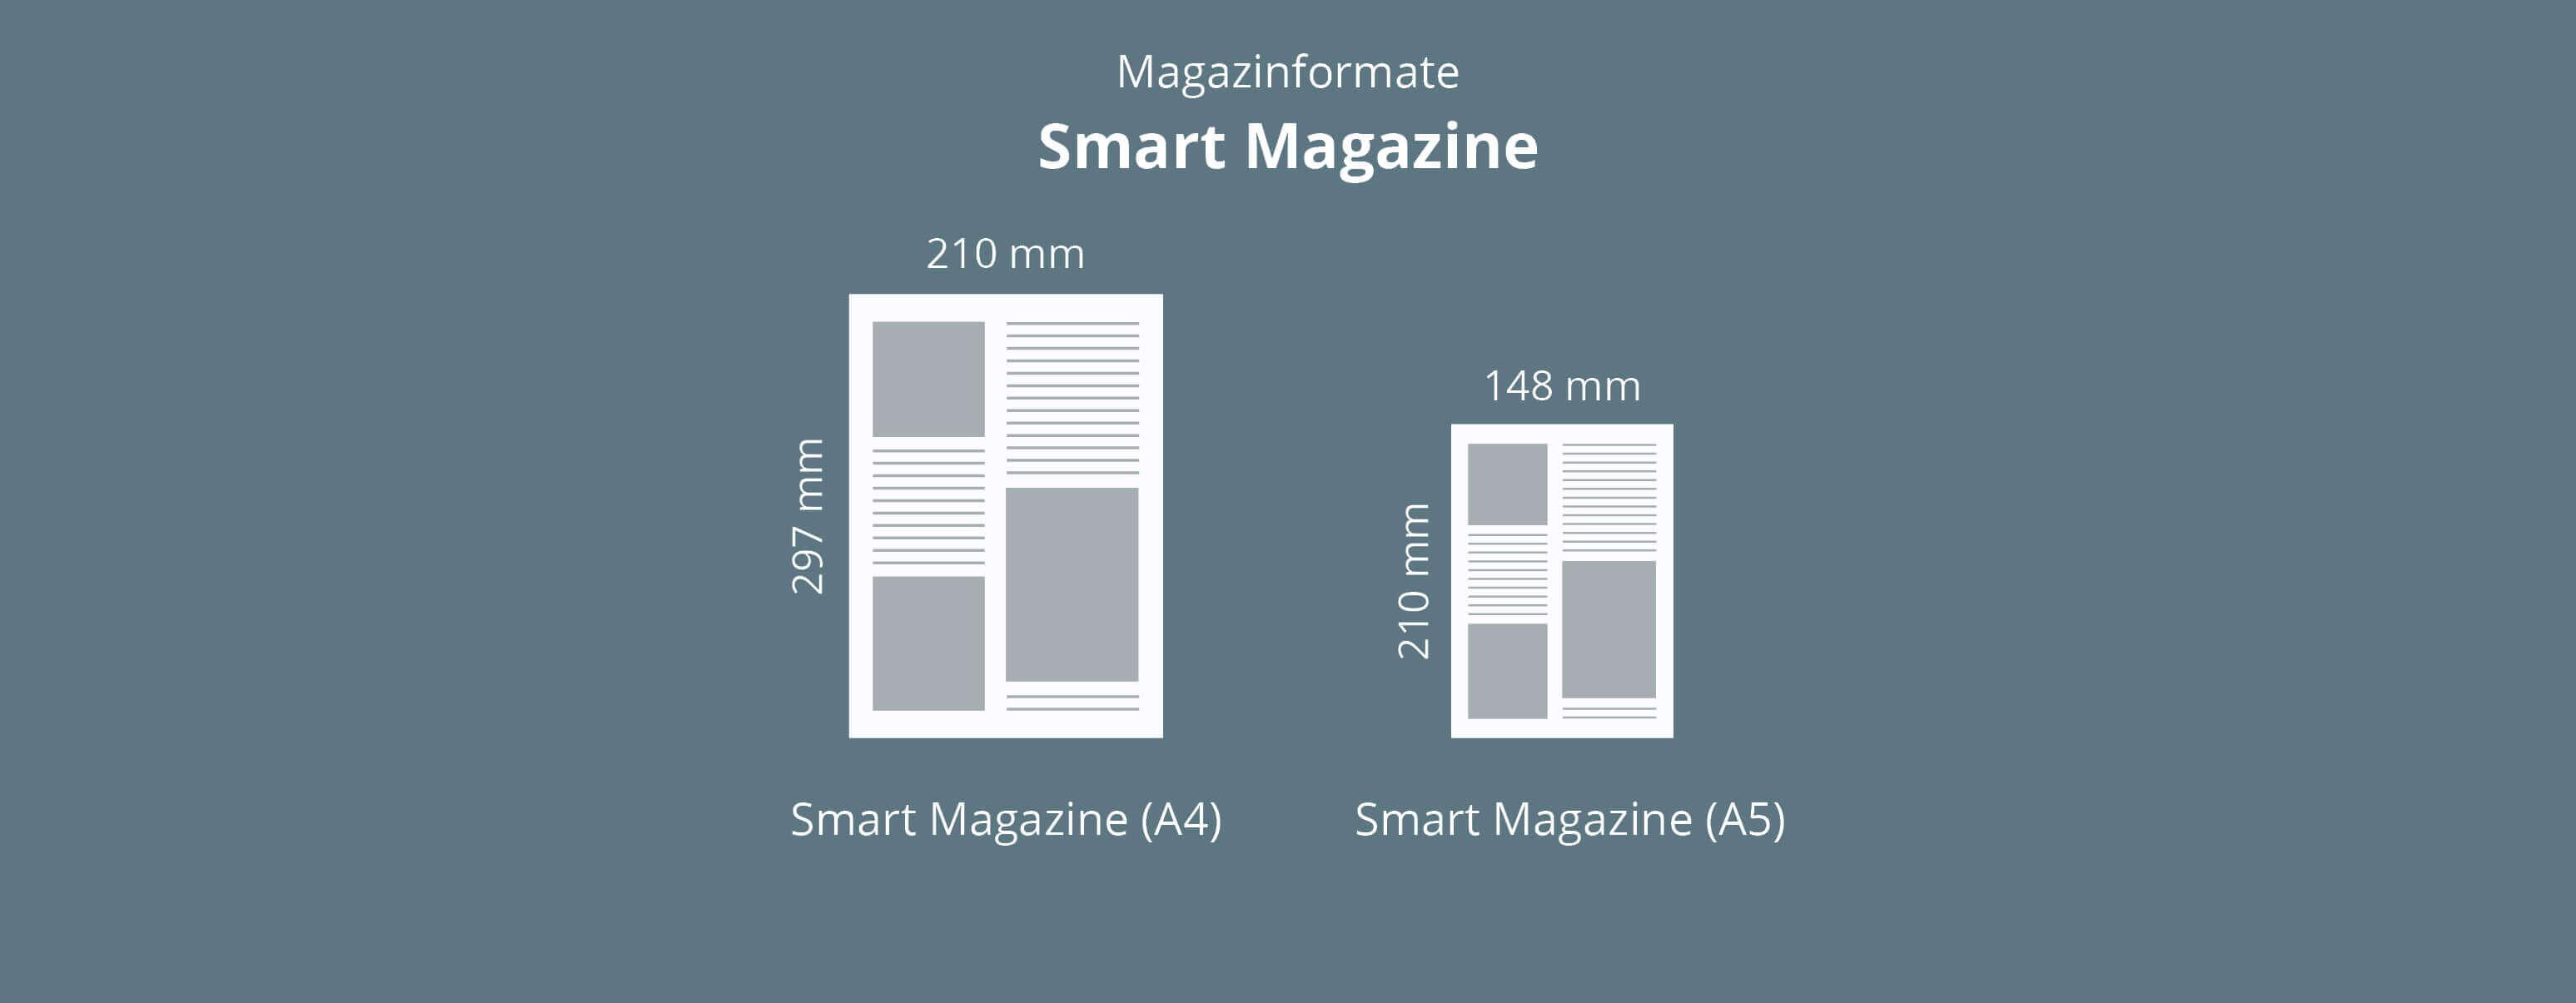 Format für Magazin im stückzahlgenauen Digitaldruck